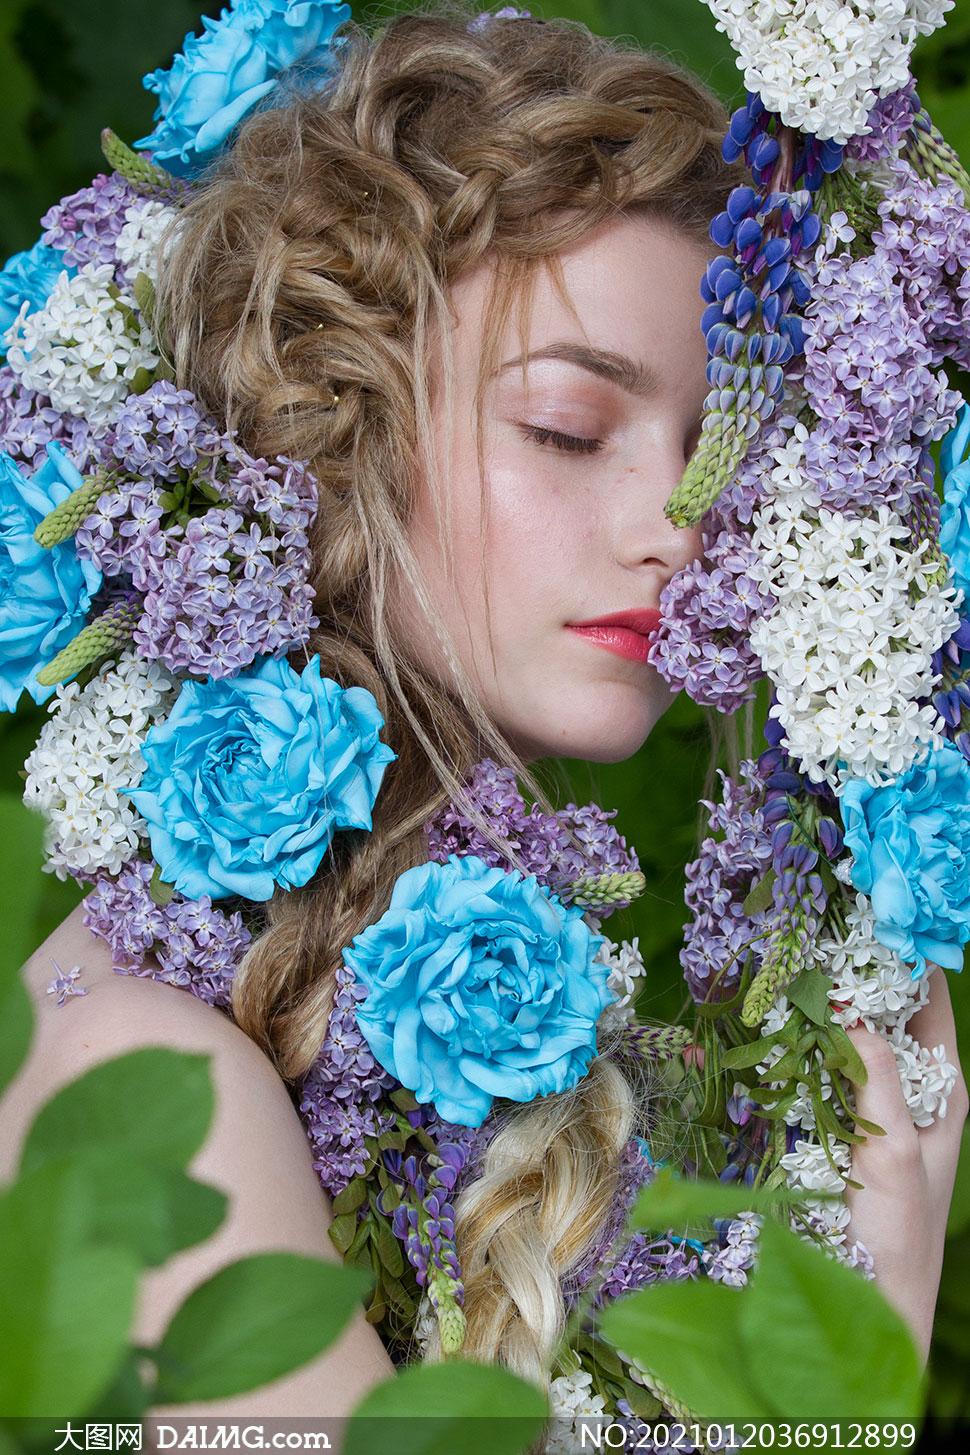 盛开鲜花辫子美女人物写真摄影原片